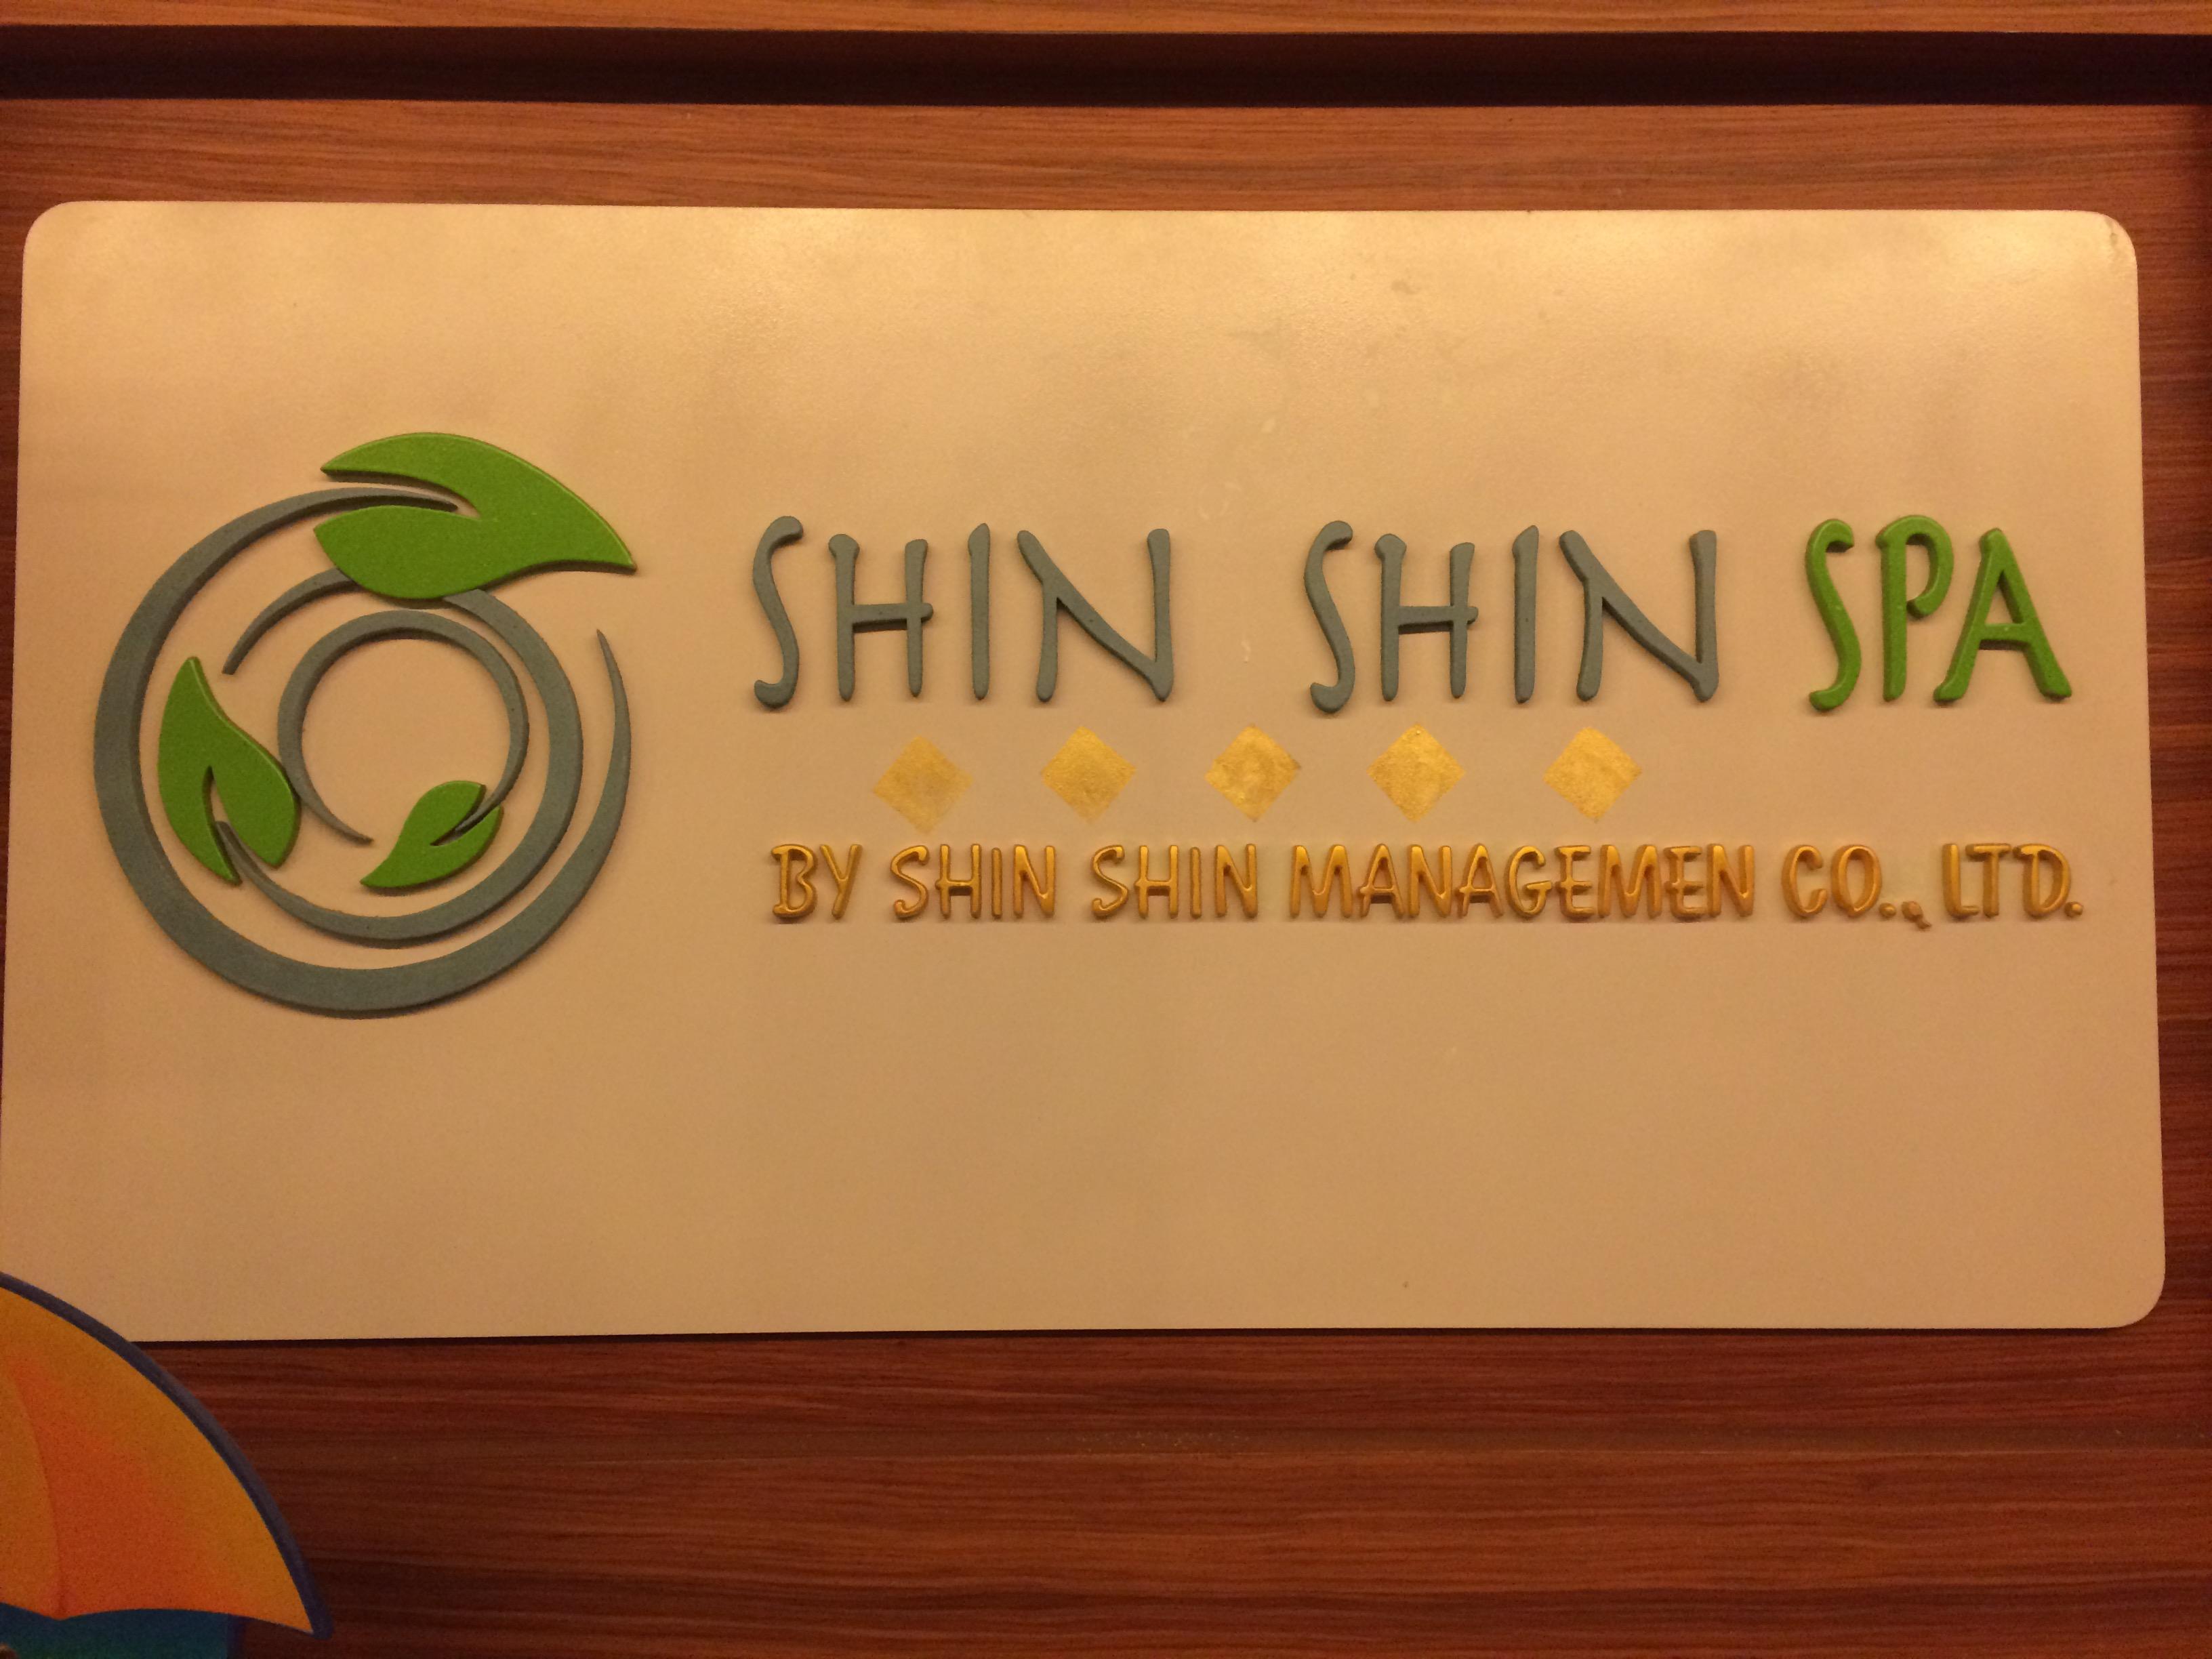 SHIN SHIN SPA